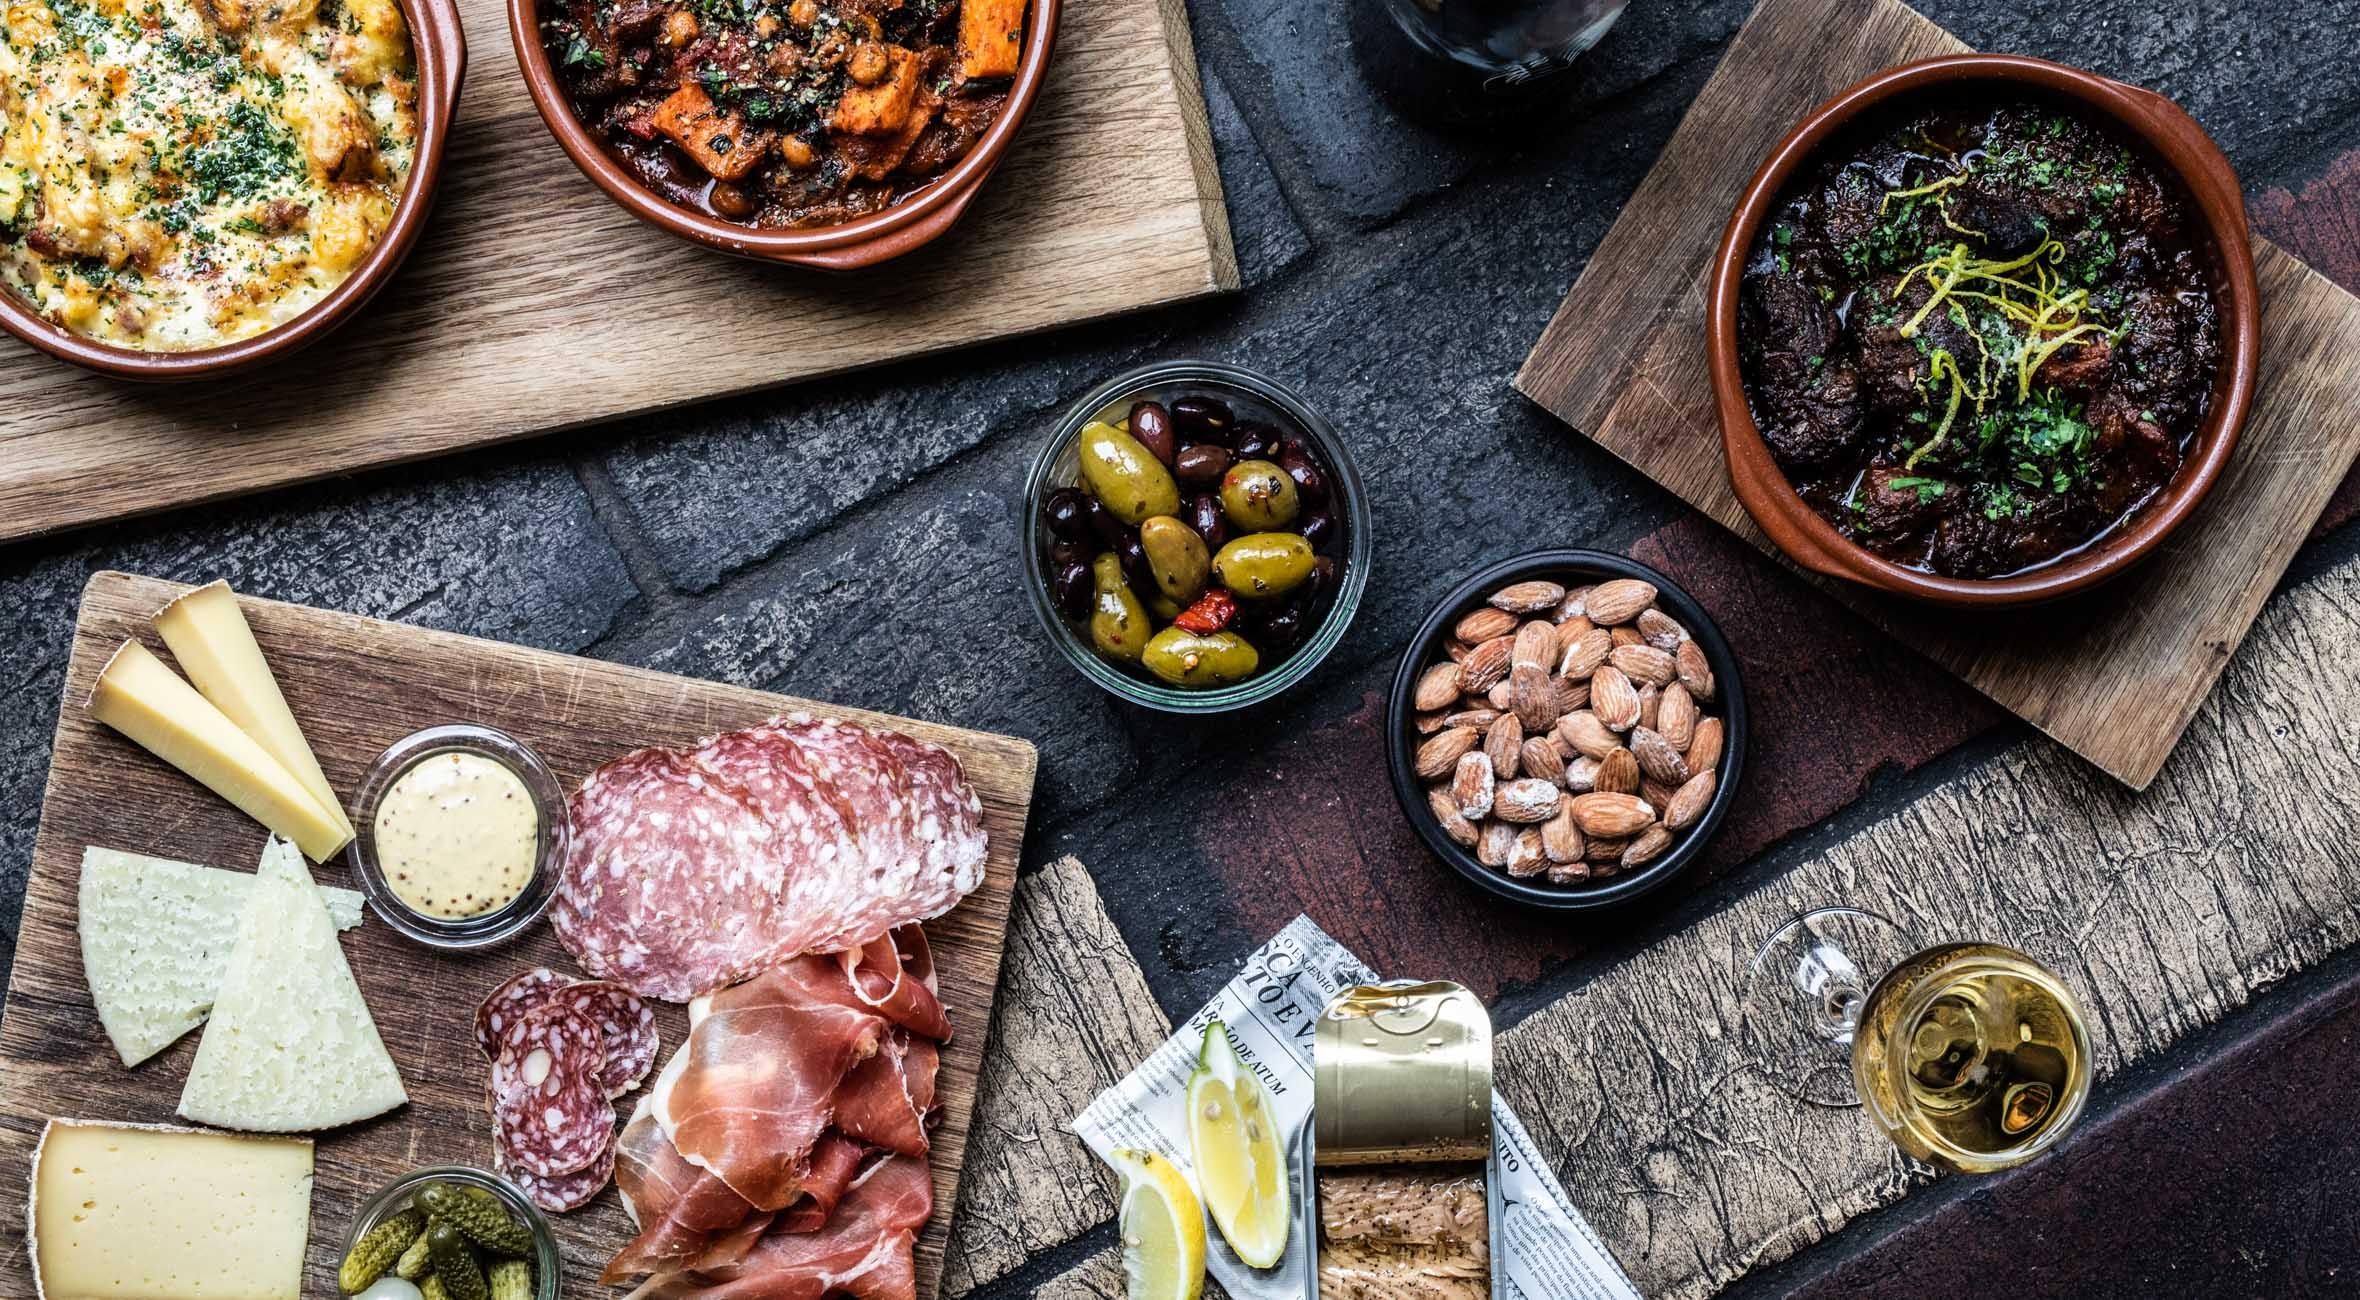 Frit valg til alt hos Vinhanen på Nørrebro og Vesterbro – Topanmeldt vinbar byder på lækker mad & vino